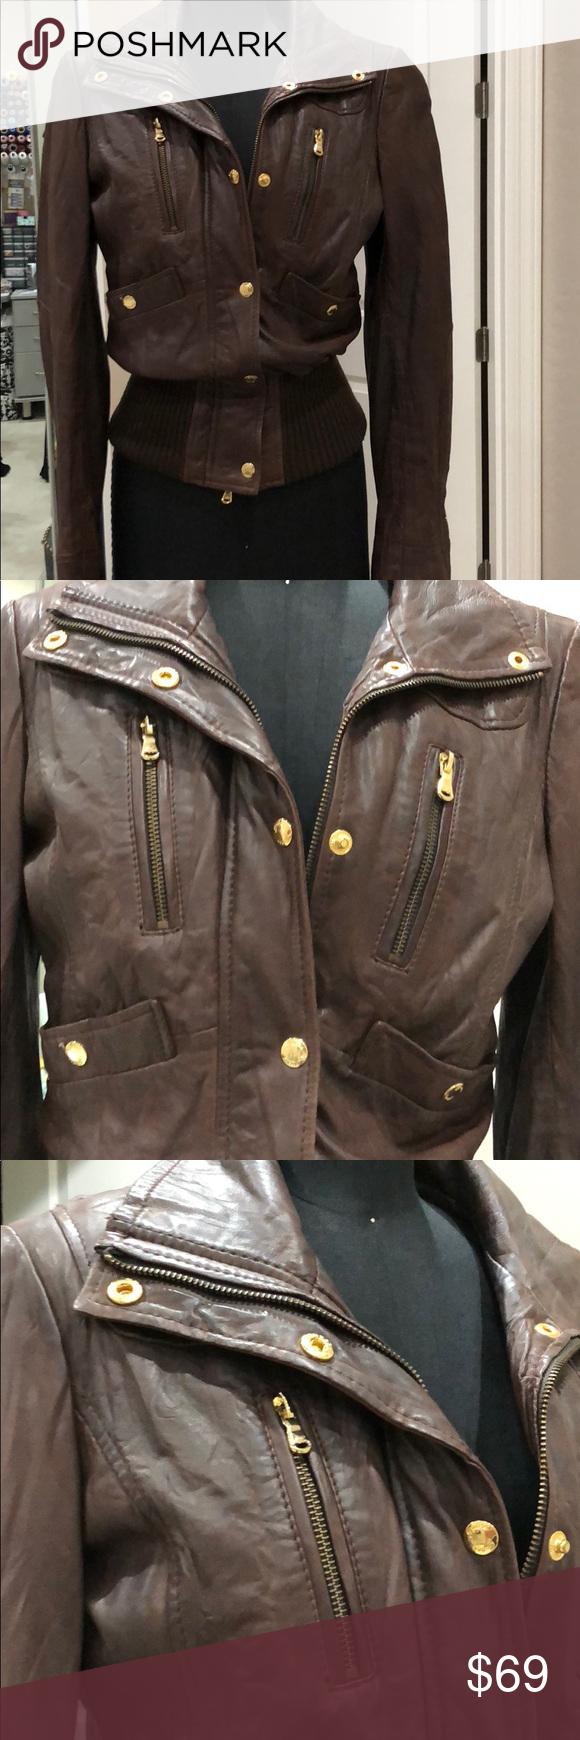 Guess Leather Jacket Leather Jacket Leather Jacket Brands Jackets [ 1740 x 580 Pixel ]